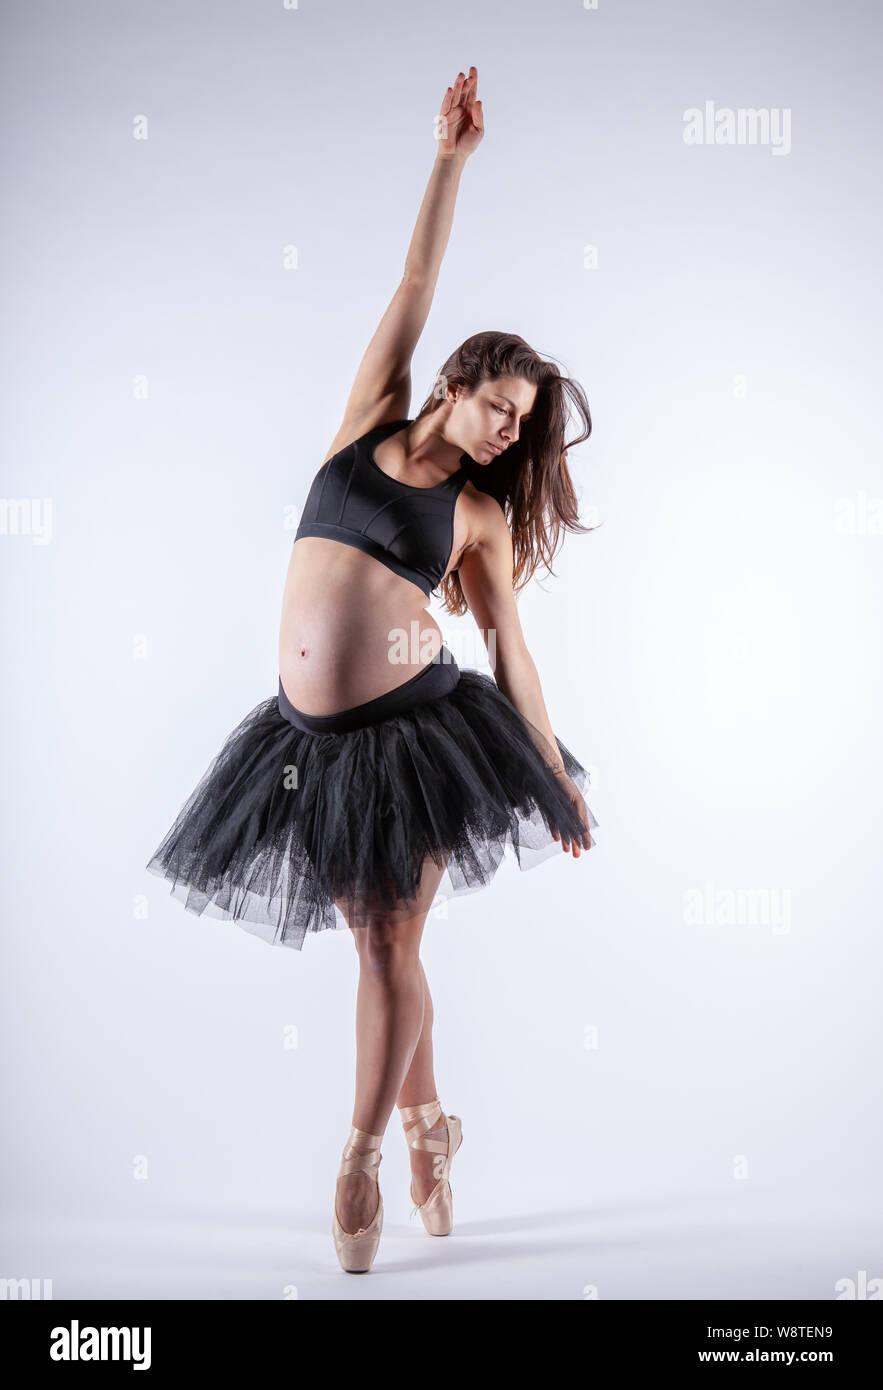 Junge schöne schwangere Ballerina mit schwarzen Kleid posiert im Studio. Stockfoto